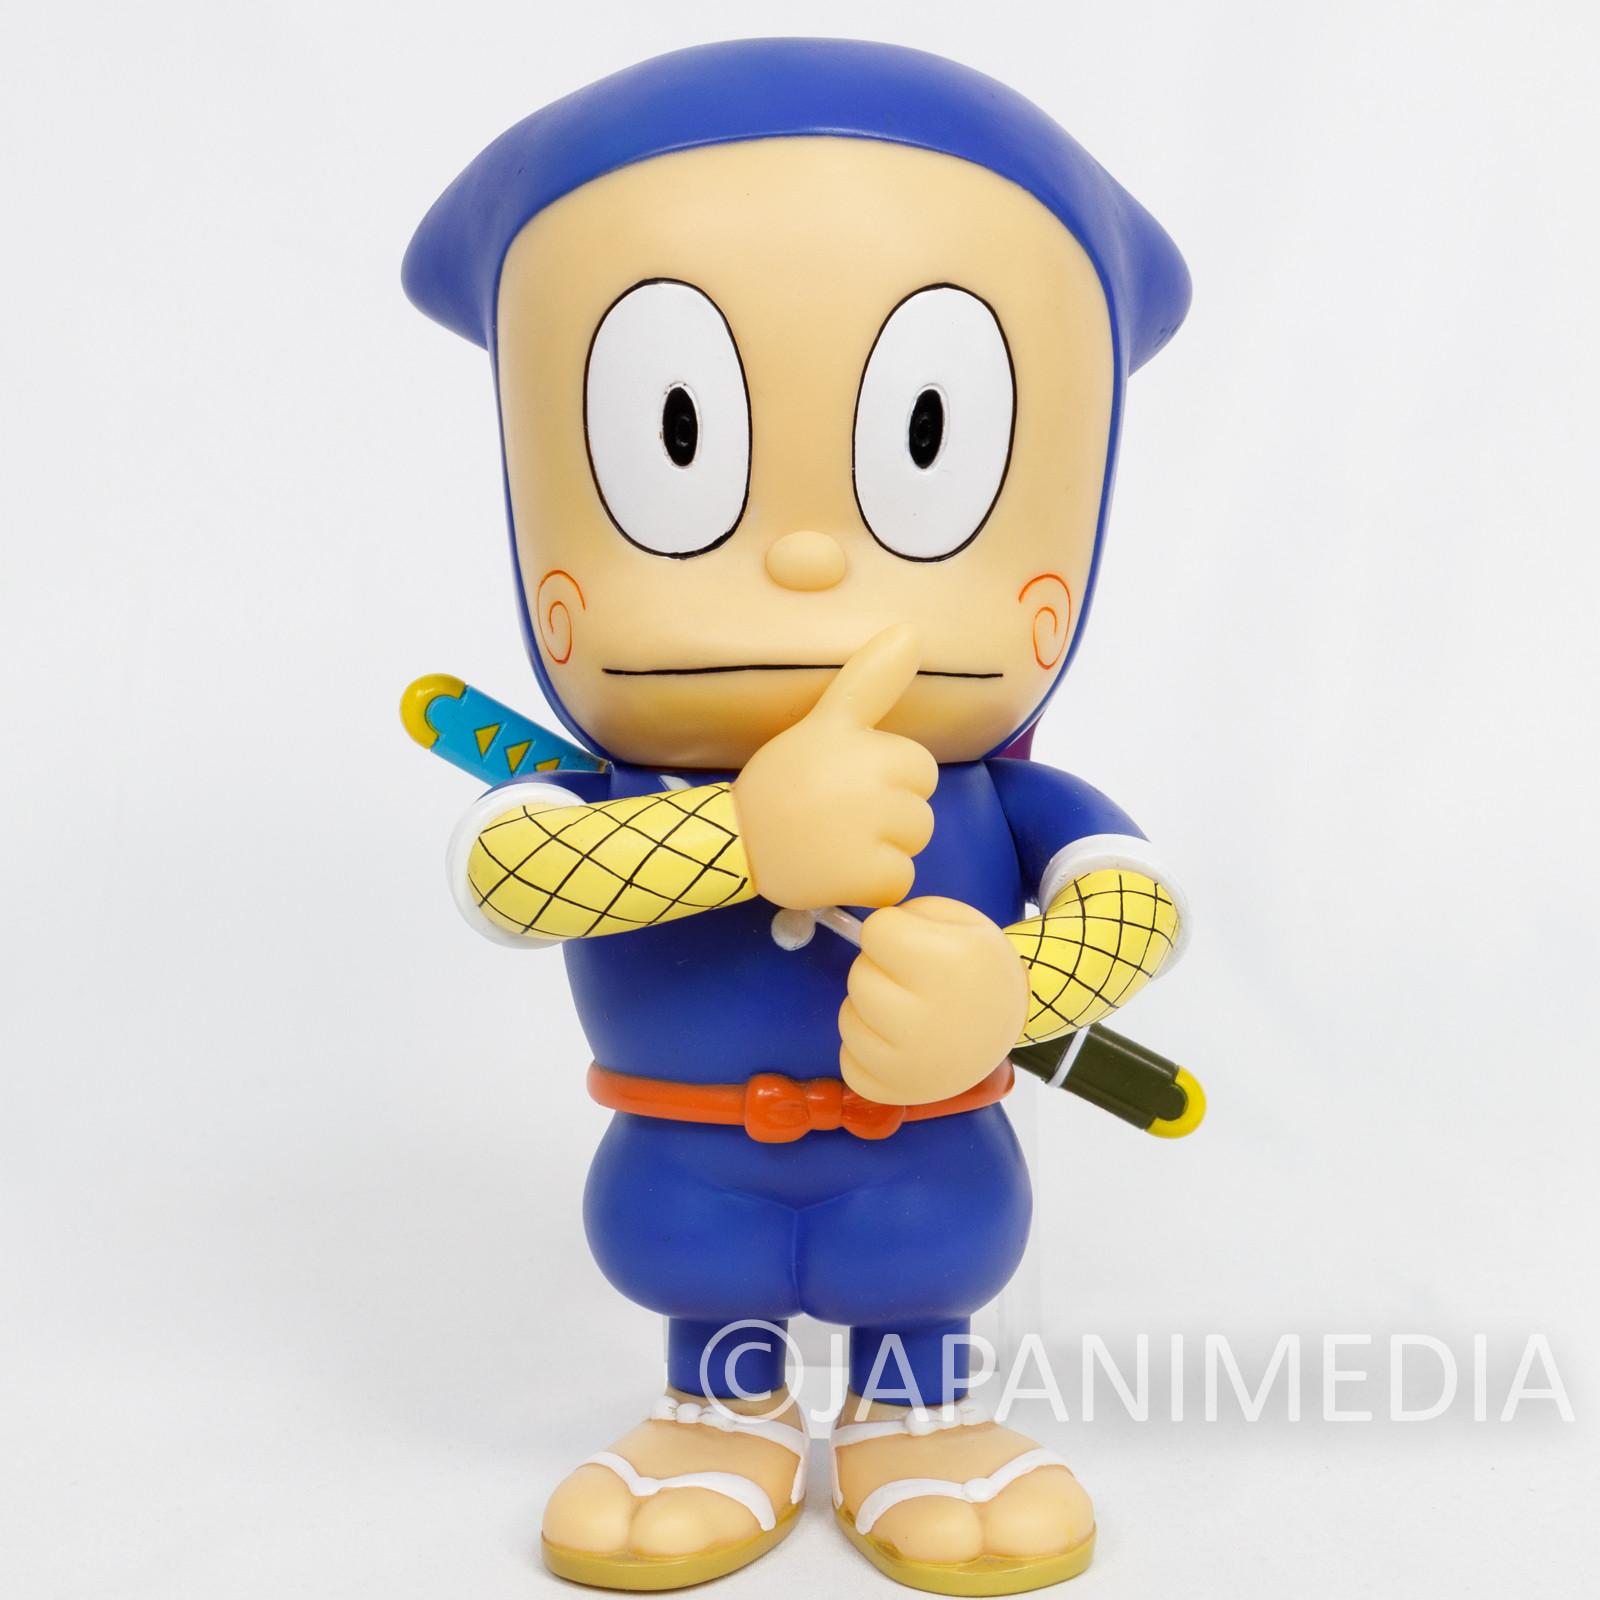 Retro RARE Ninja Hattori-kun Soft Vinyl Figure RUN'A JAPAN FUJIKO FUJIO